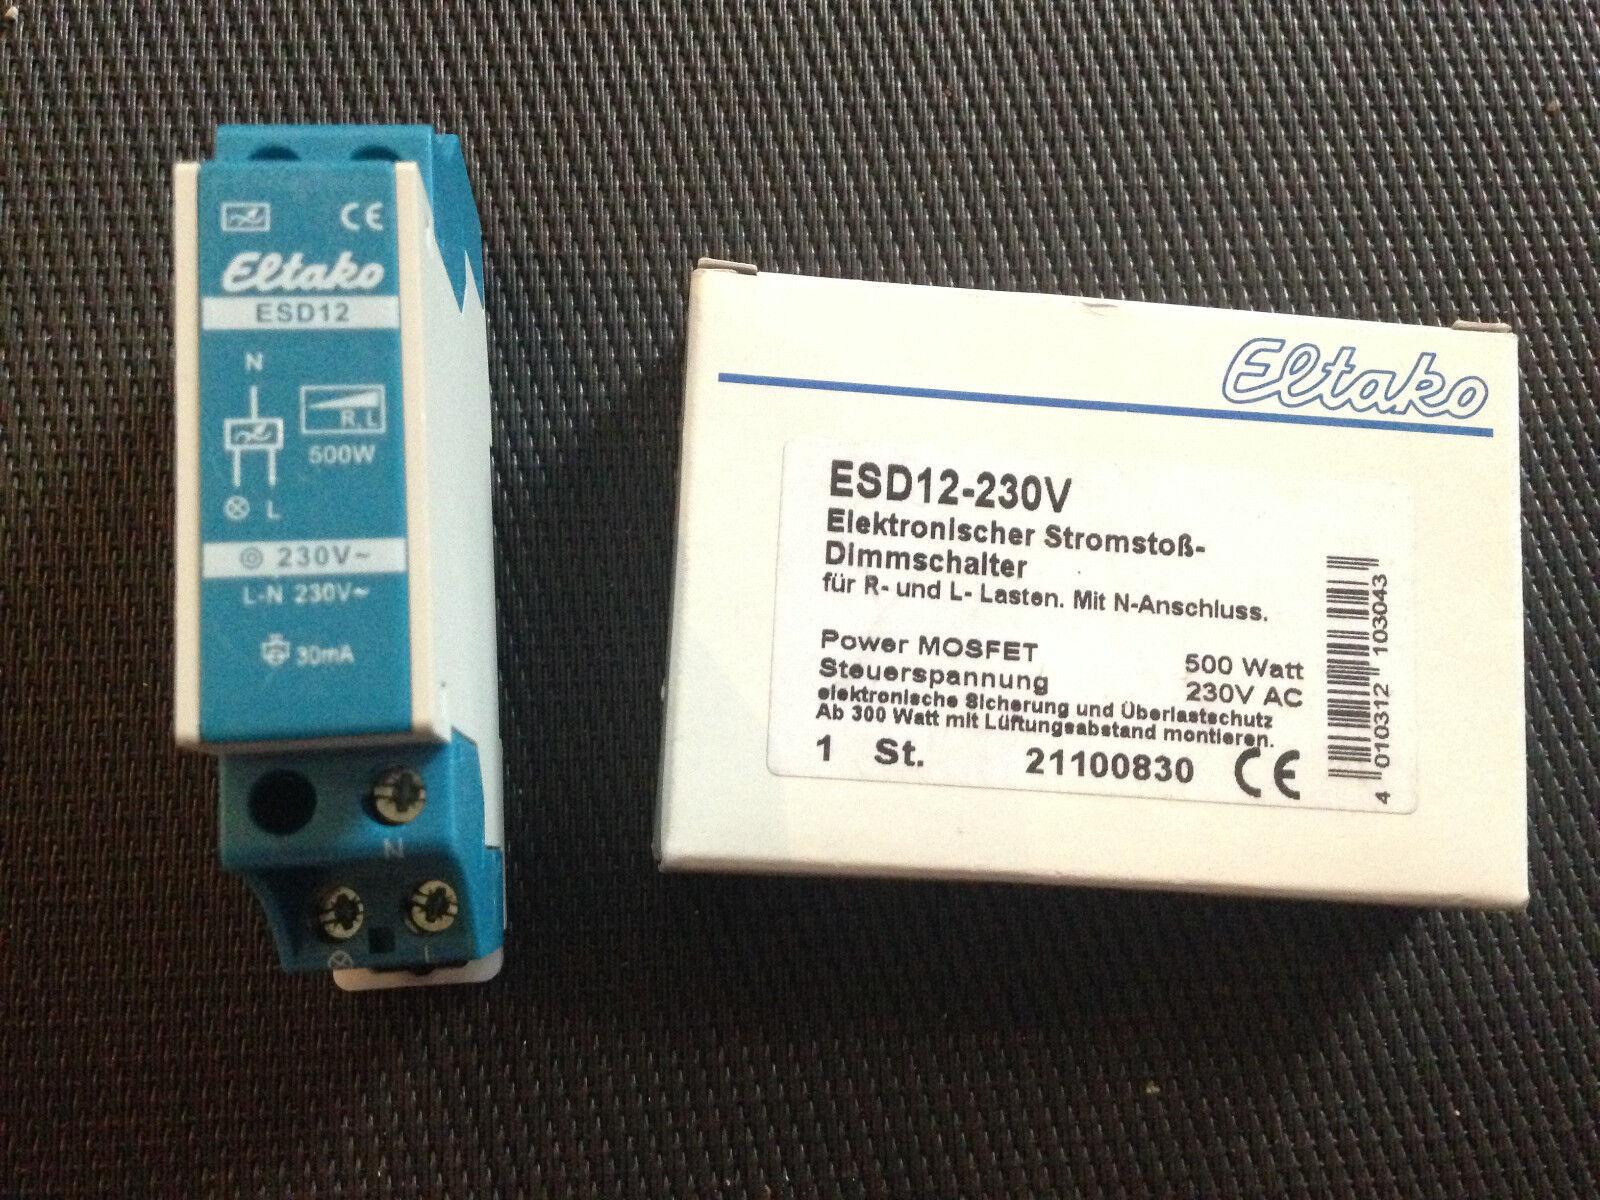 Eltako ESD12-230V Elekronischer Stromstoß-Dimmschalter für R und L Lasten mit N-   Der Schatz des Kindes, unser Glück